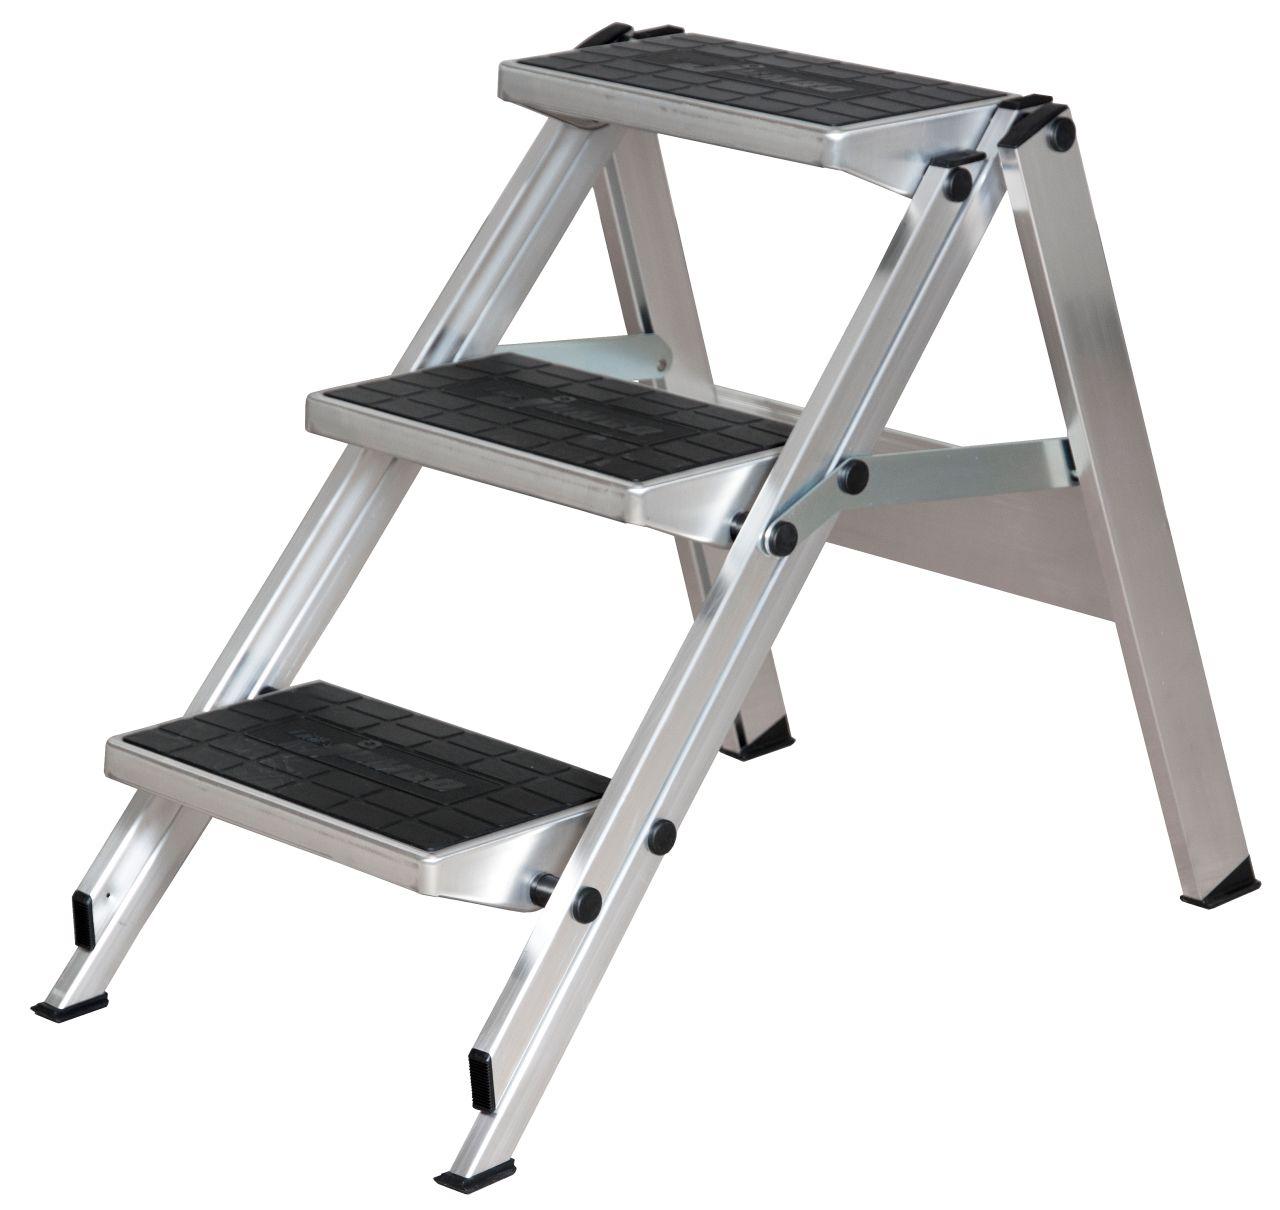 Складной трап. Прочный складной алюминиевый трап с большими обрезиненными ступенями для безопасного подъема и спуска. Подходит для разнообразных работ.